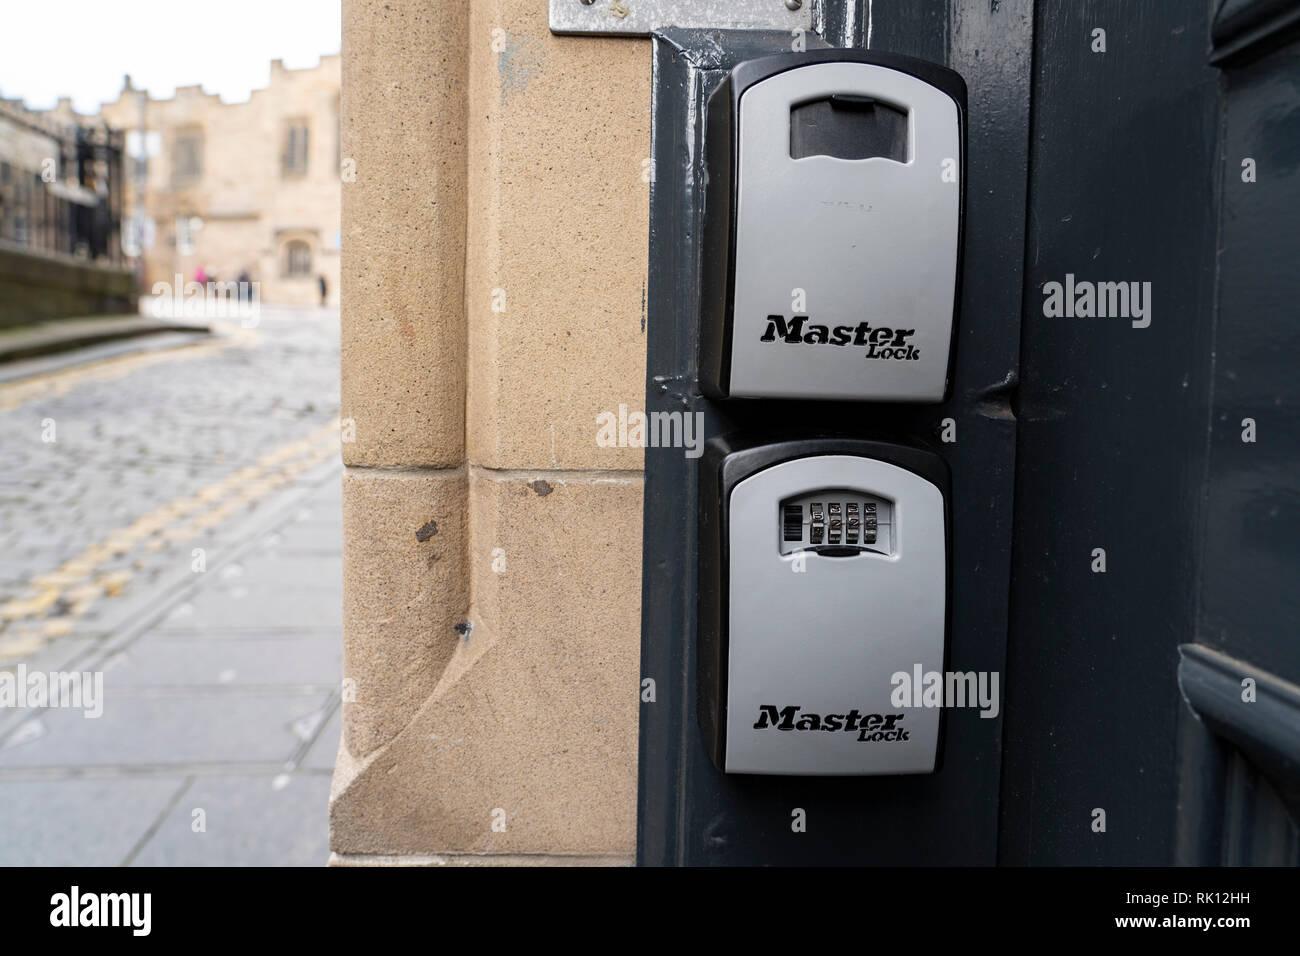 Boîtes pour AirbnB clé réduite d'accéder à porte clefs à l'extérieur immeuble d'appartements dans la vieille ville d'Édimbourg, Écosse, Royaume-Uni Photo Stock